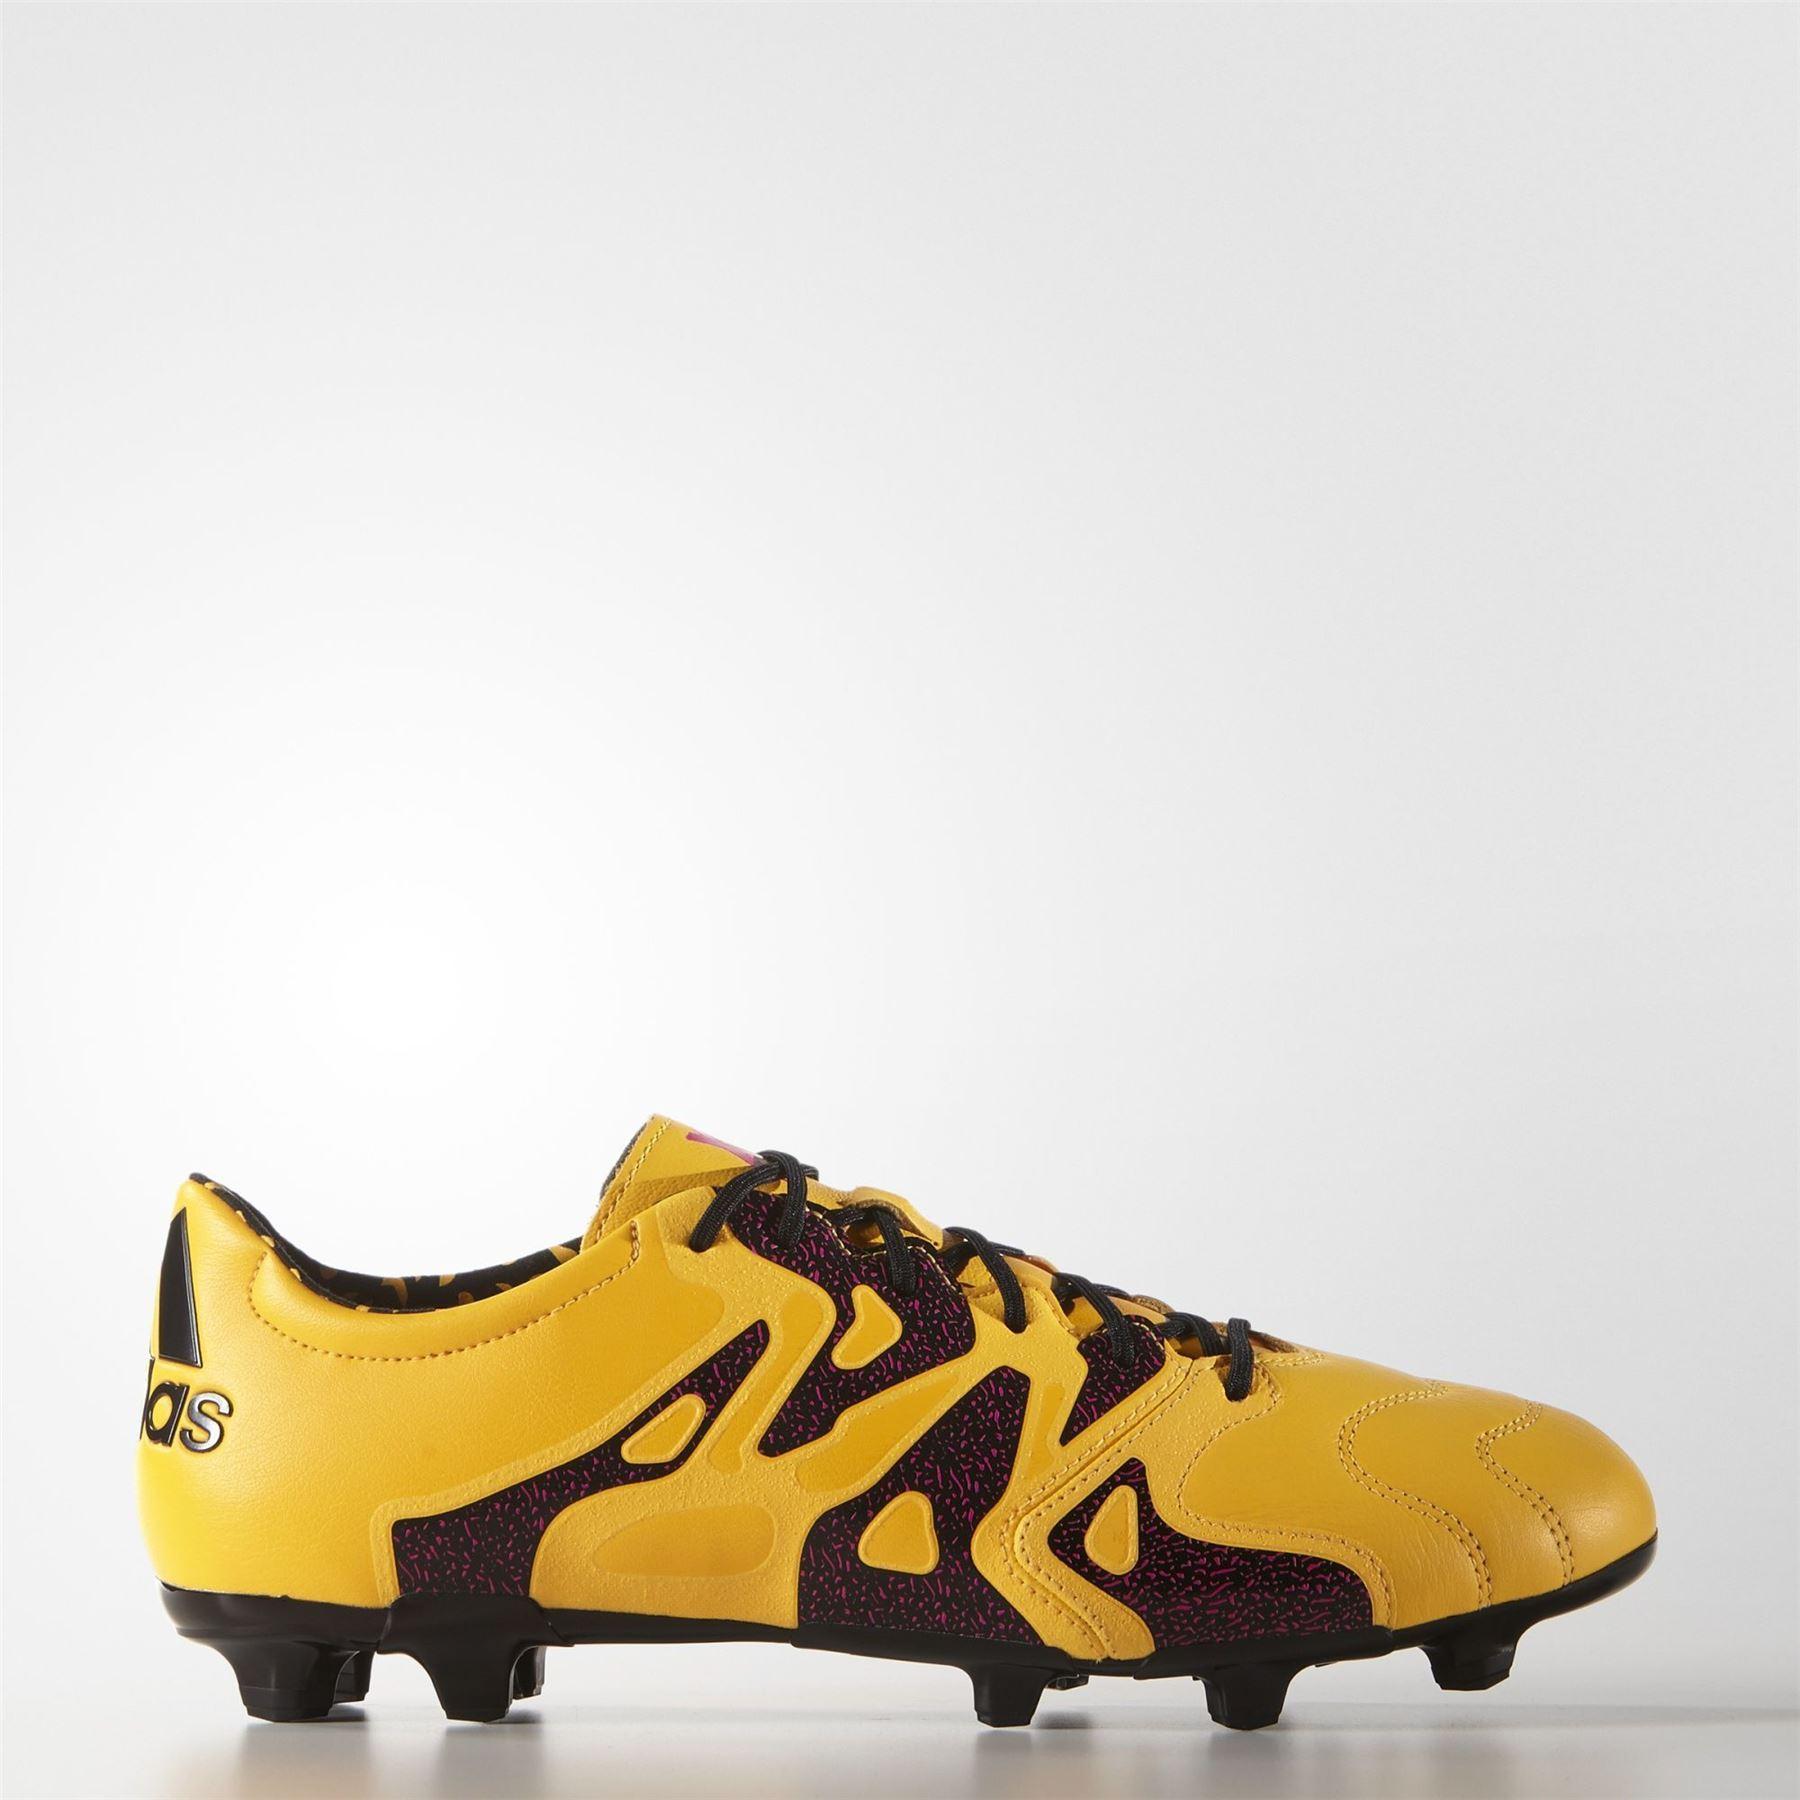 scarpe adidas messico bimbi calcio come legare